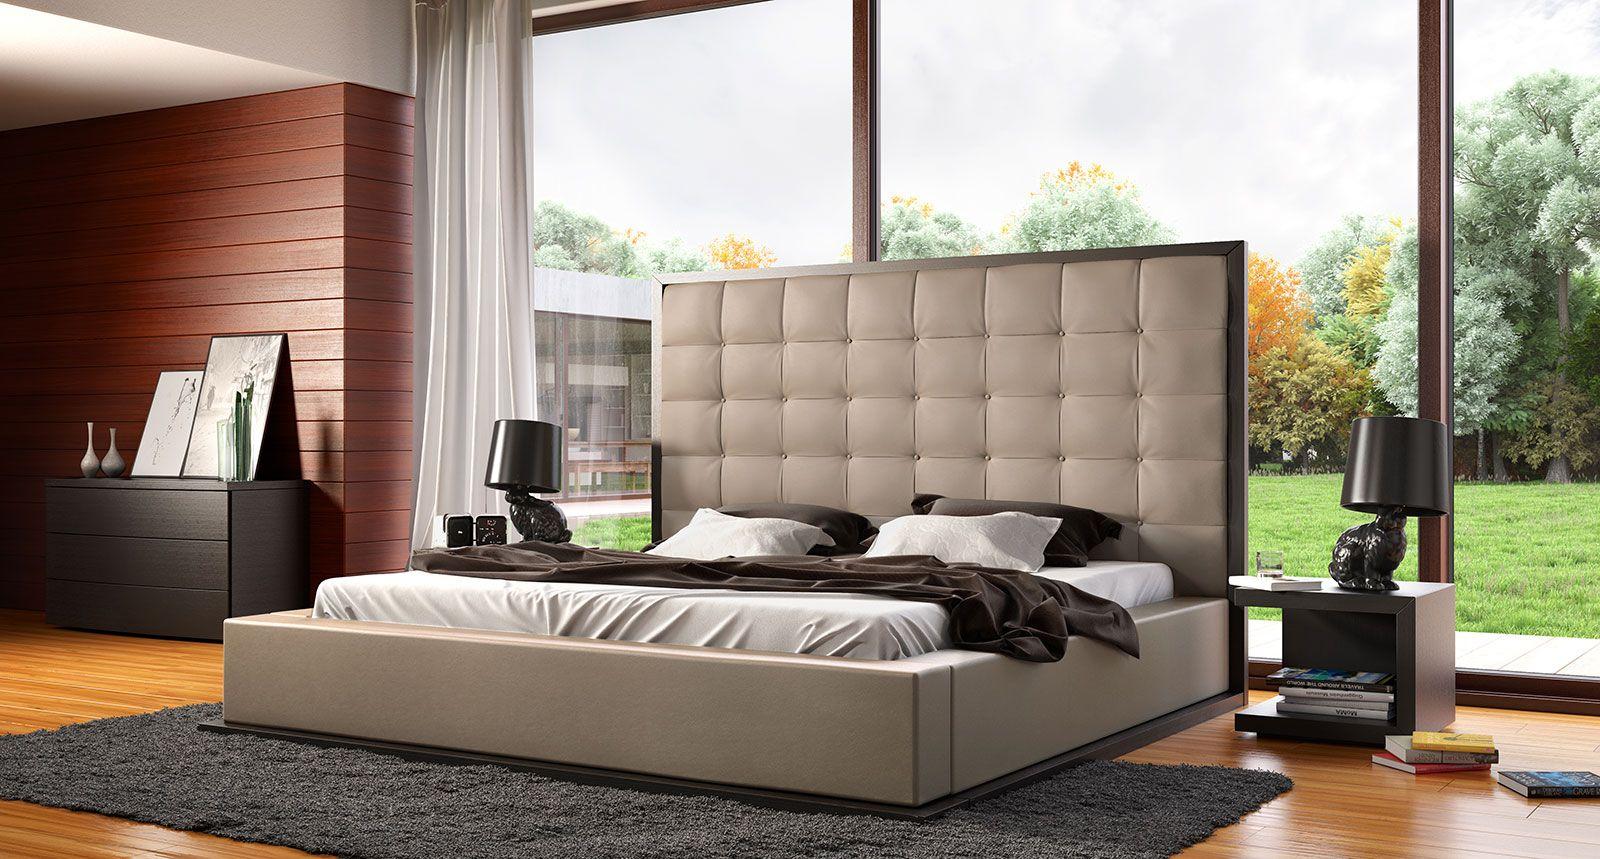 ludlow king bed platform bedroomplatform bedsmodern - King Size Bedroom Set For Sale Ottawa